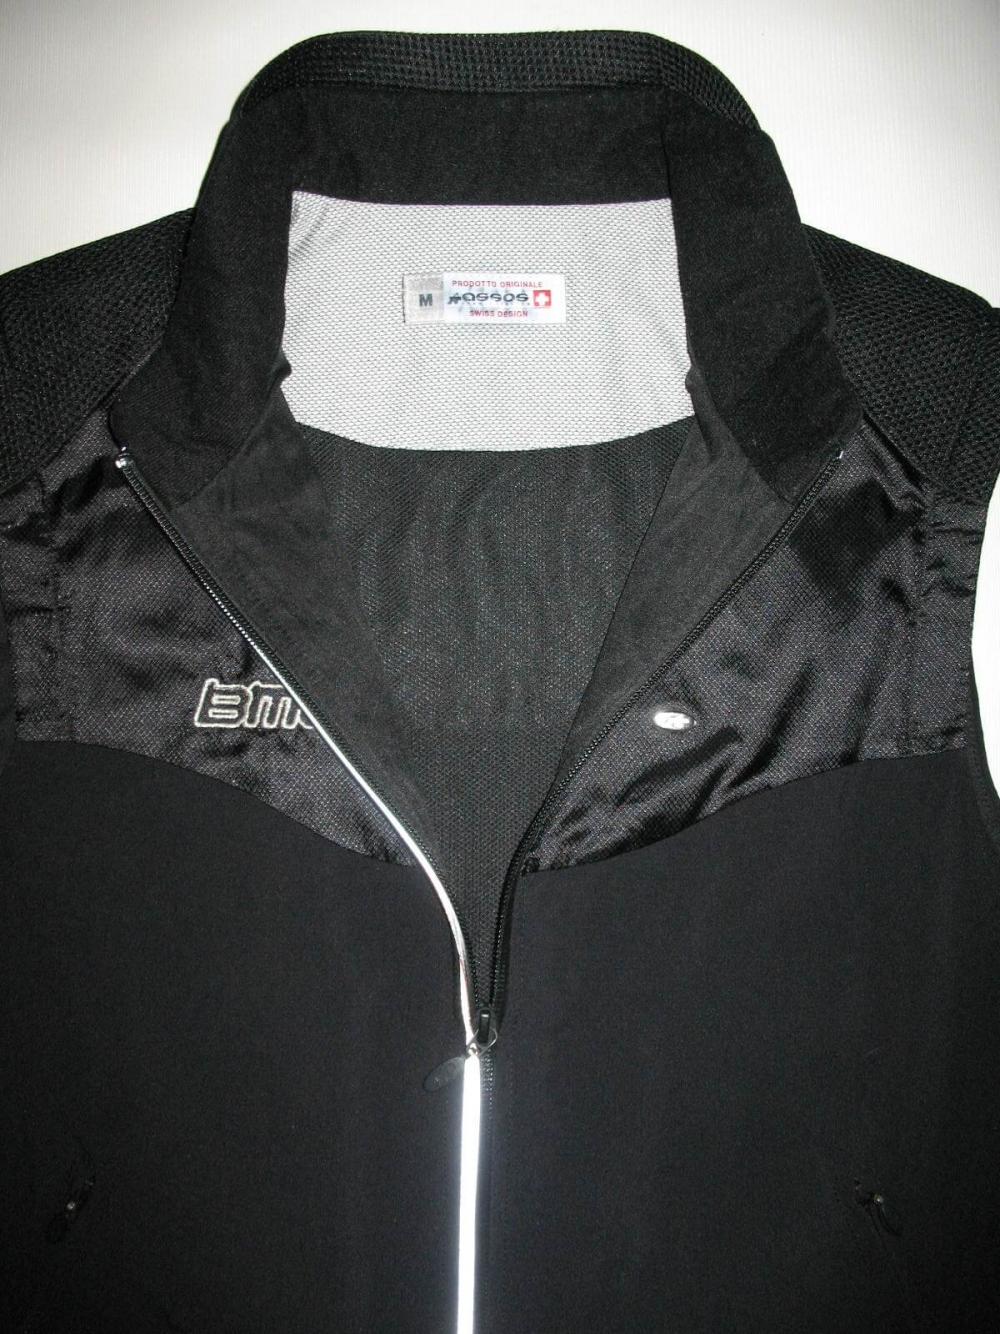 Жилет ASSOS bmc dopo bici DB8 insulator vest (размер M) - 5